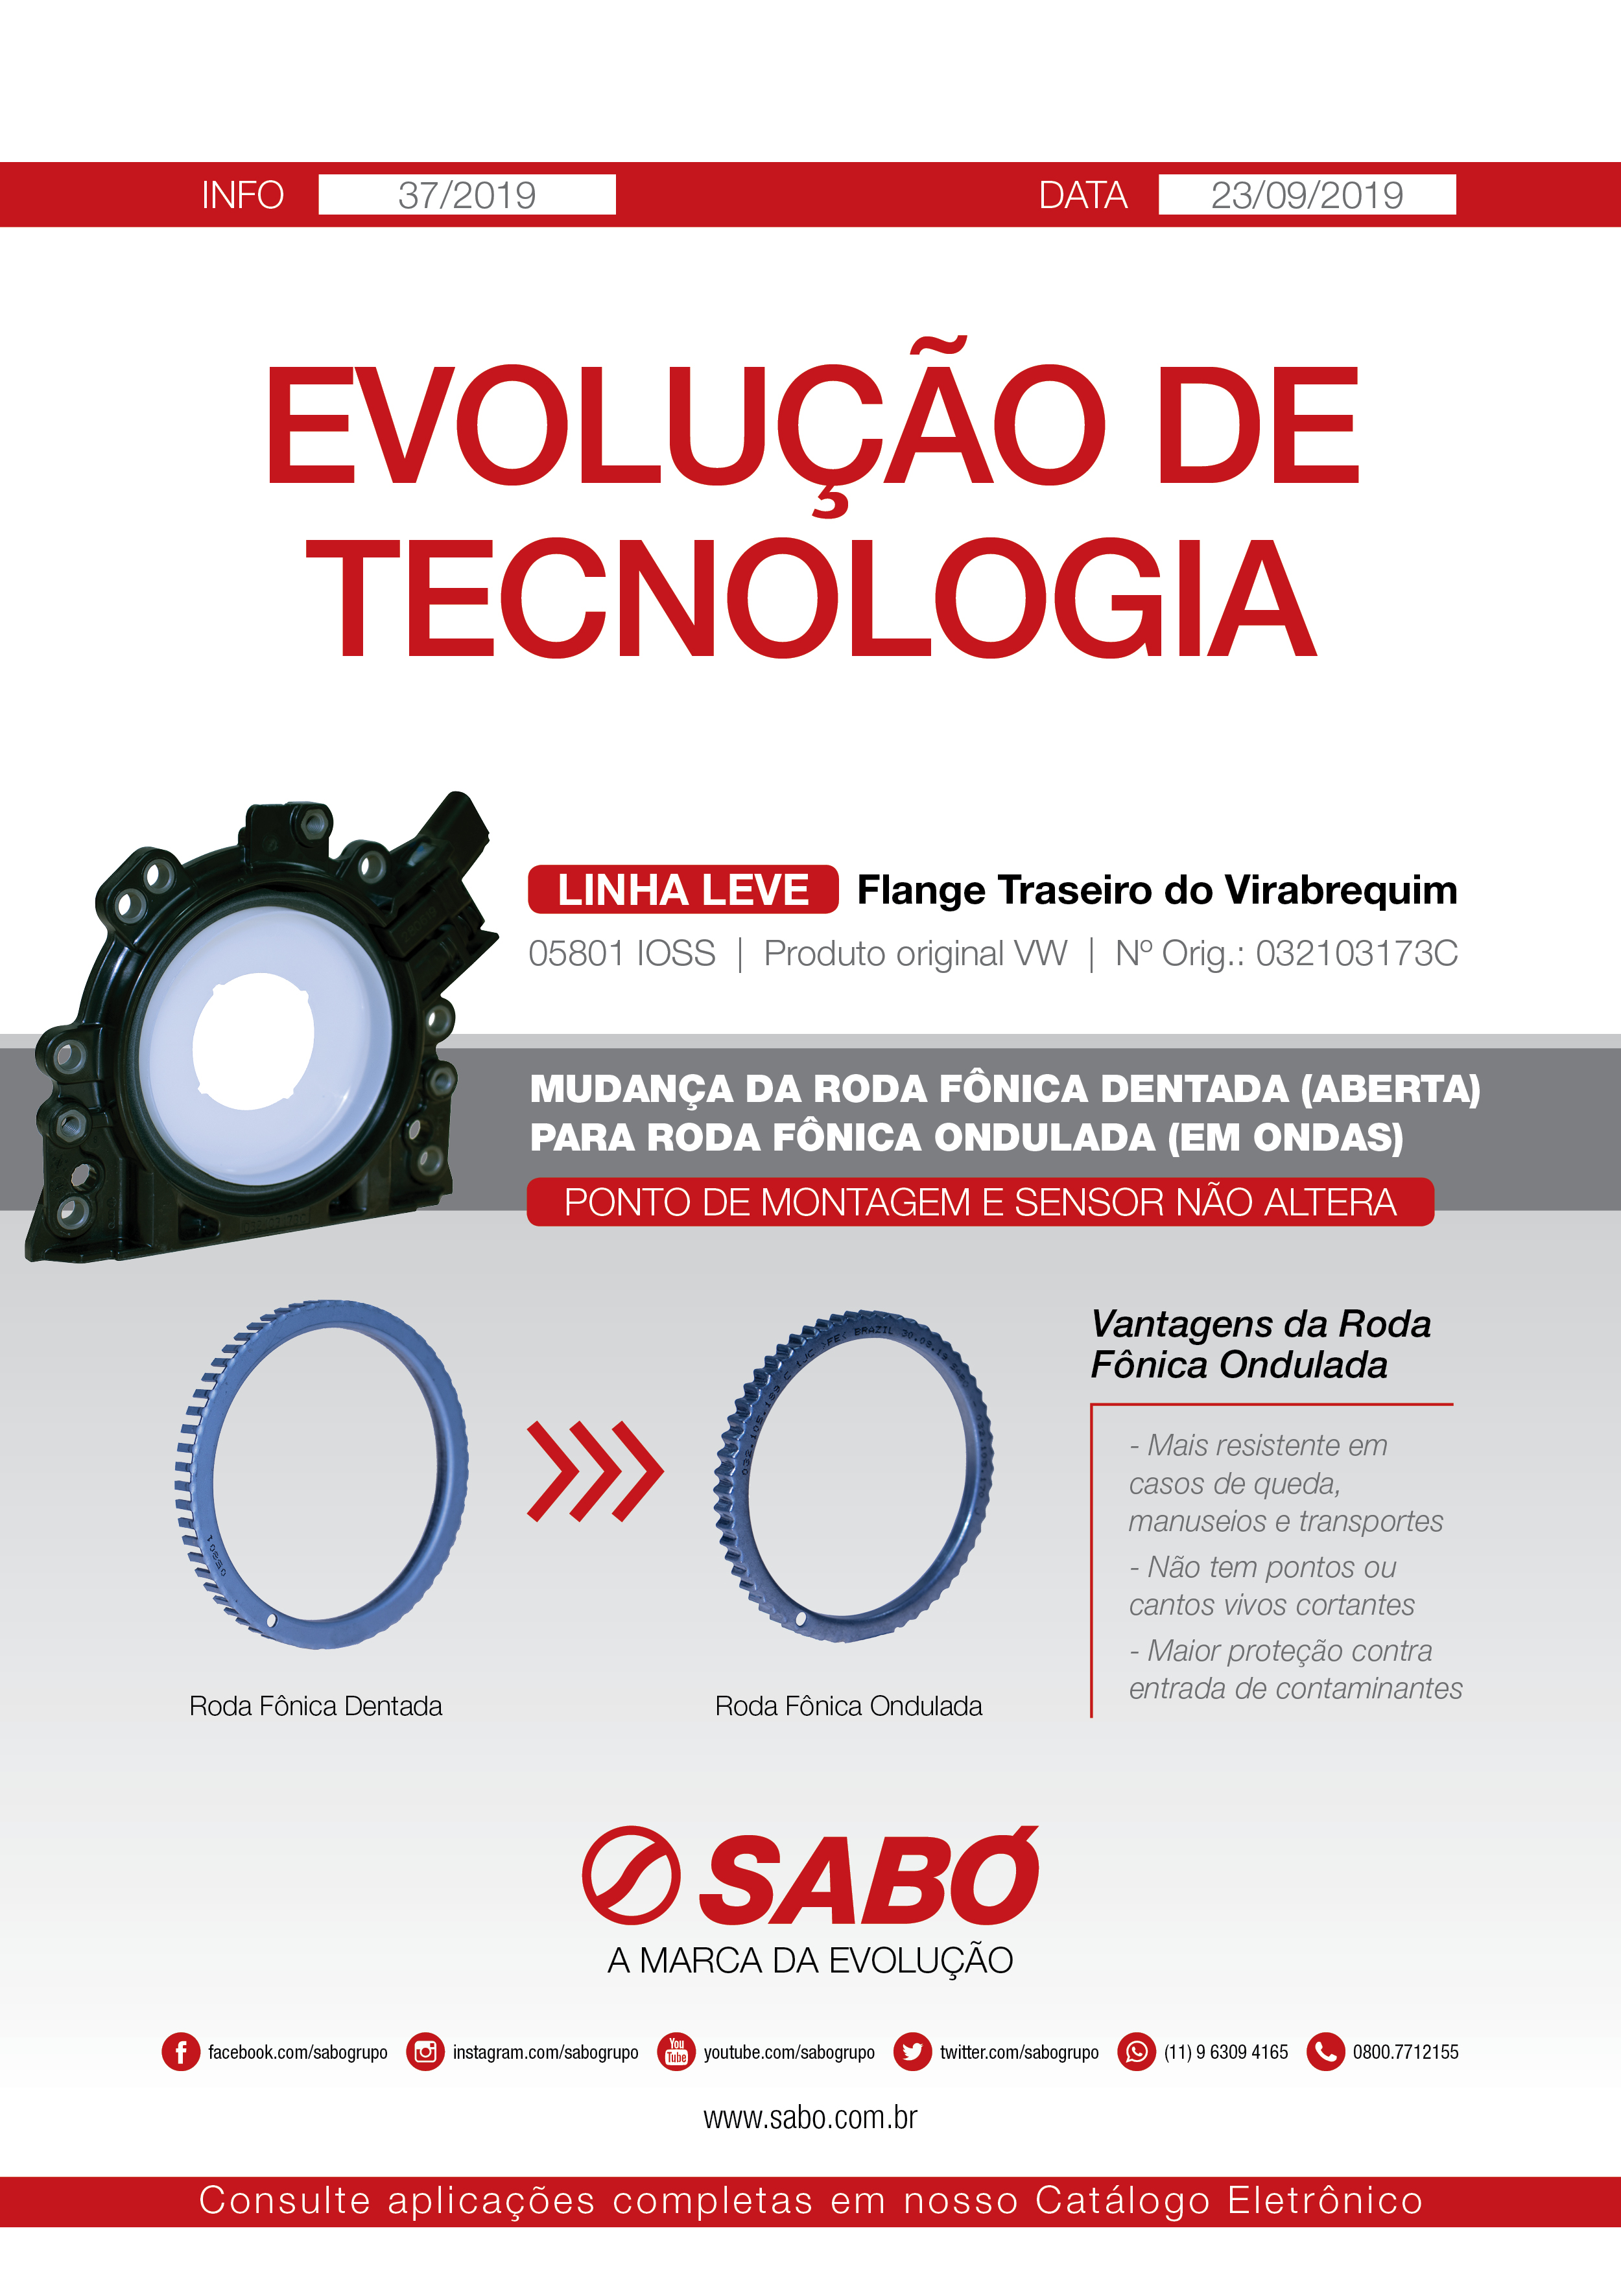 037 | Evolução de tecnologia